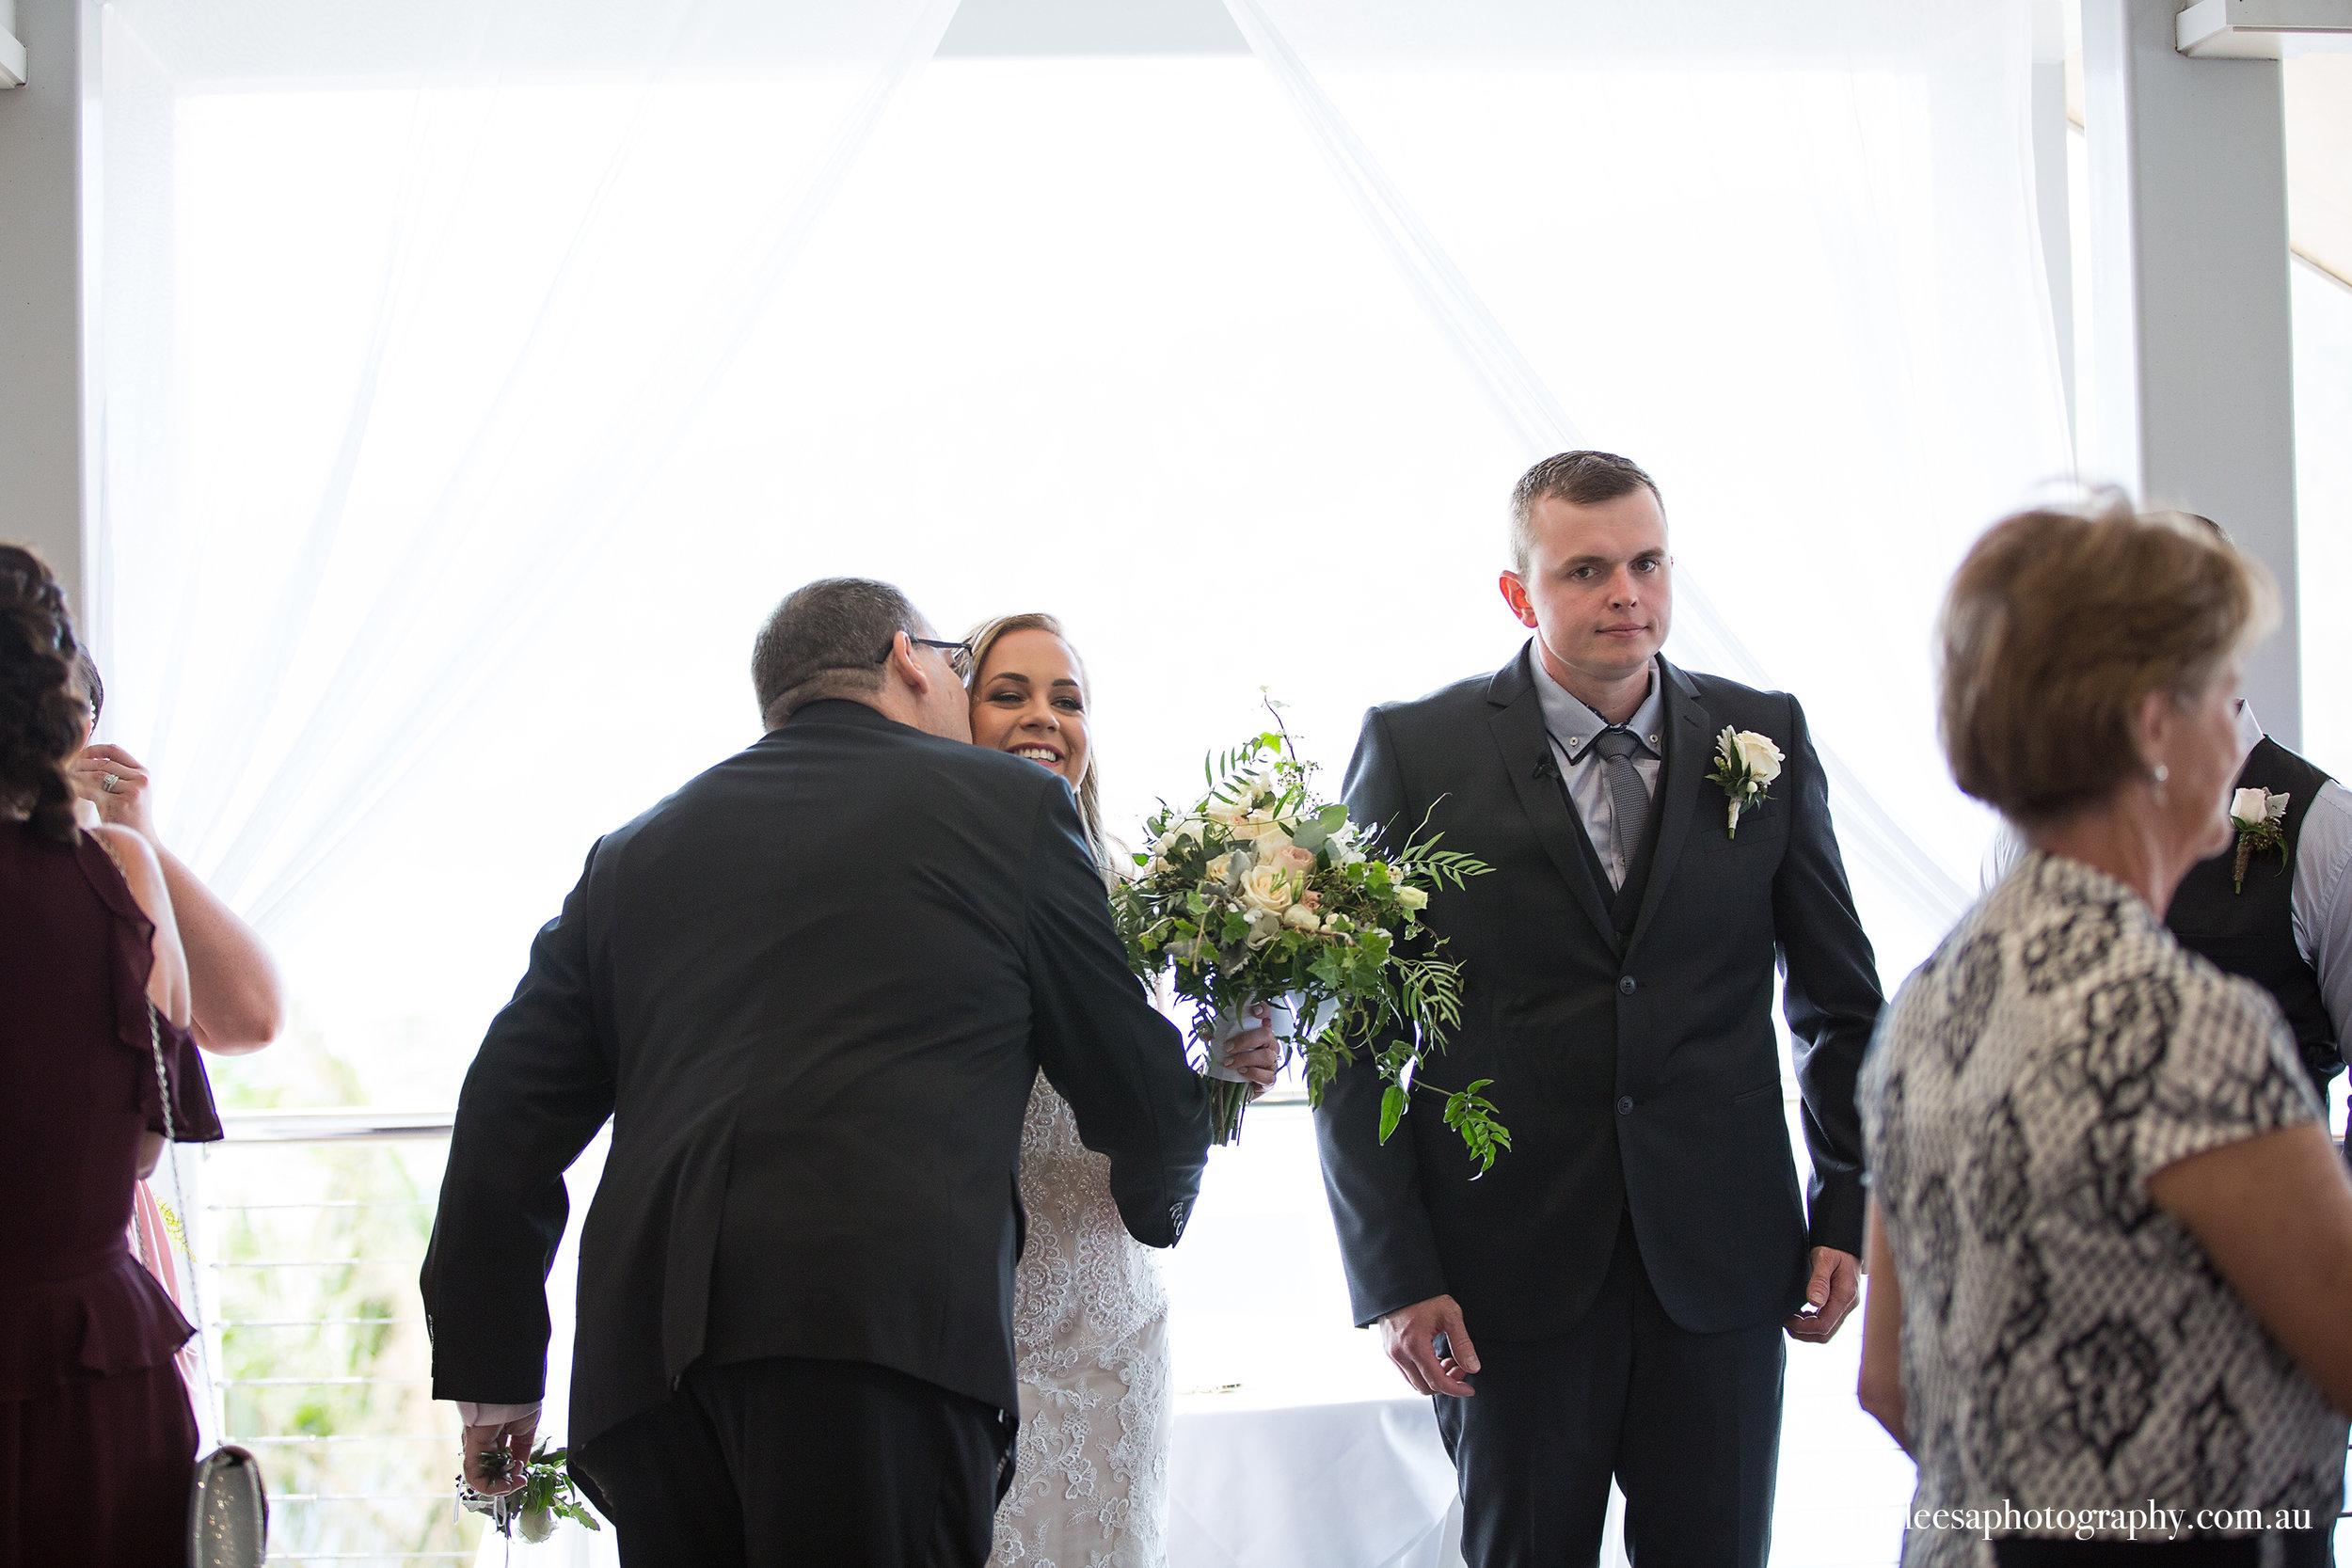 WeddingsByShae_121_McDermid2017.jpg